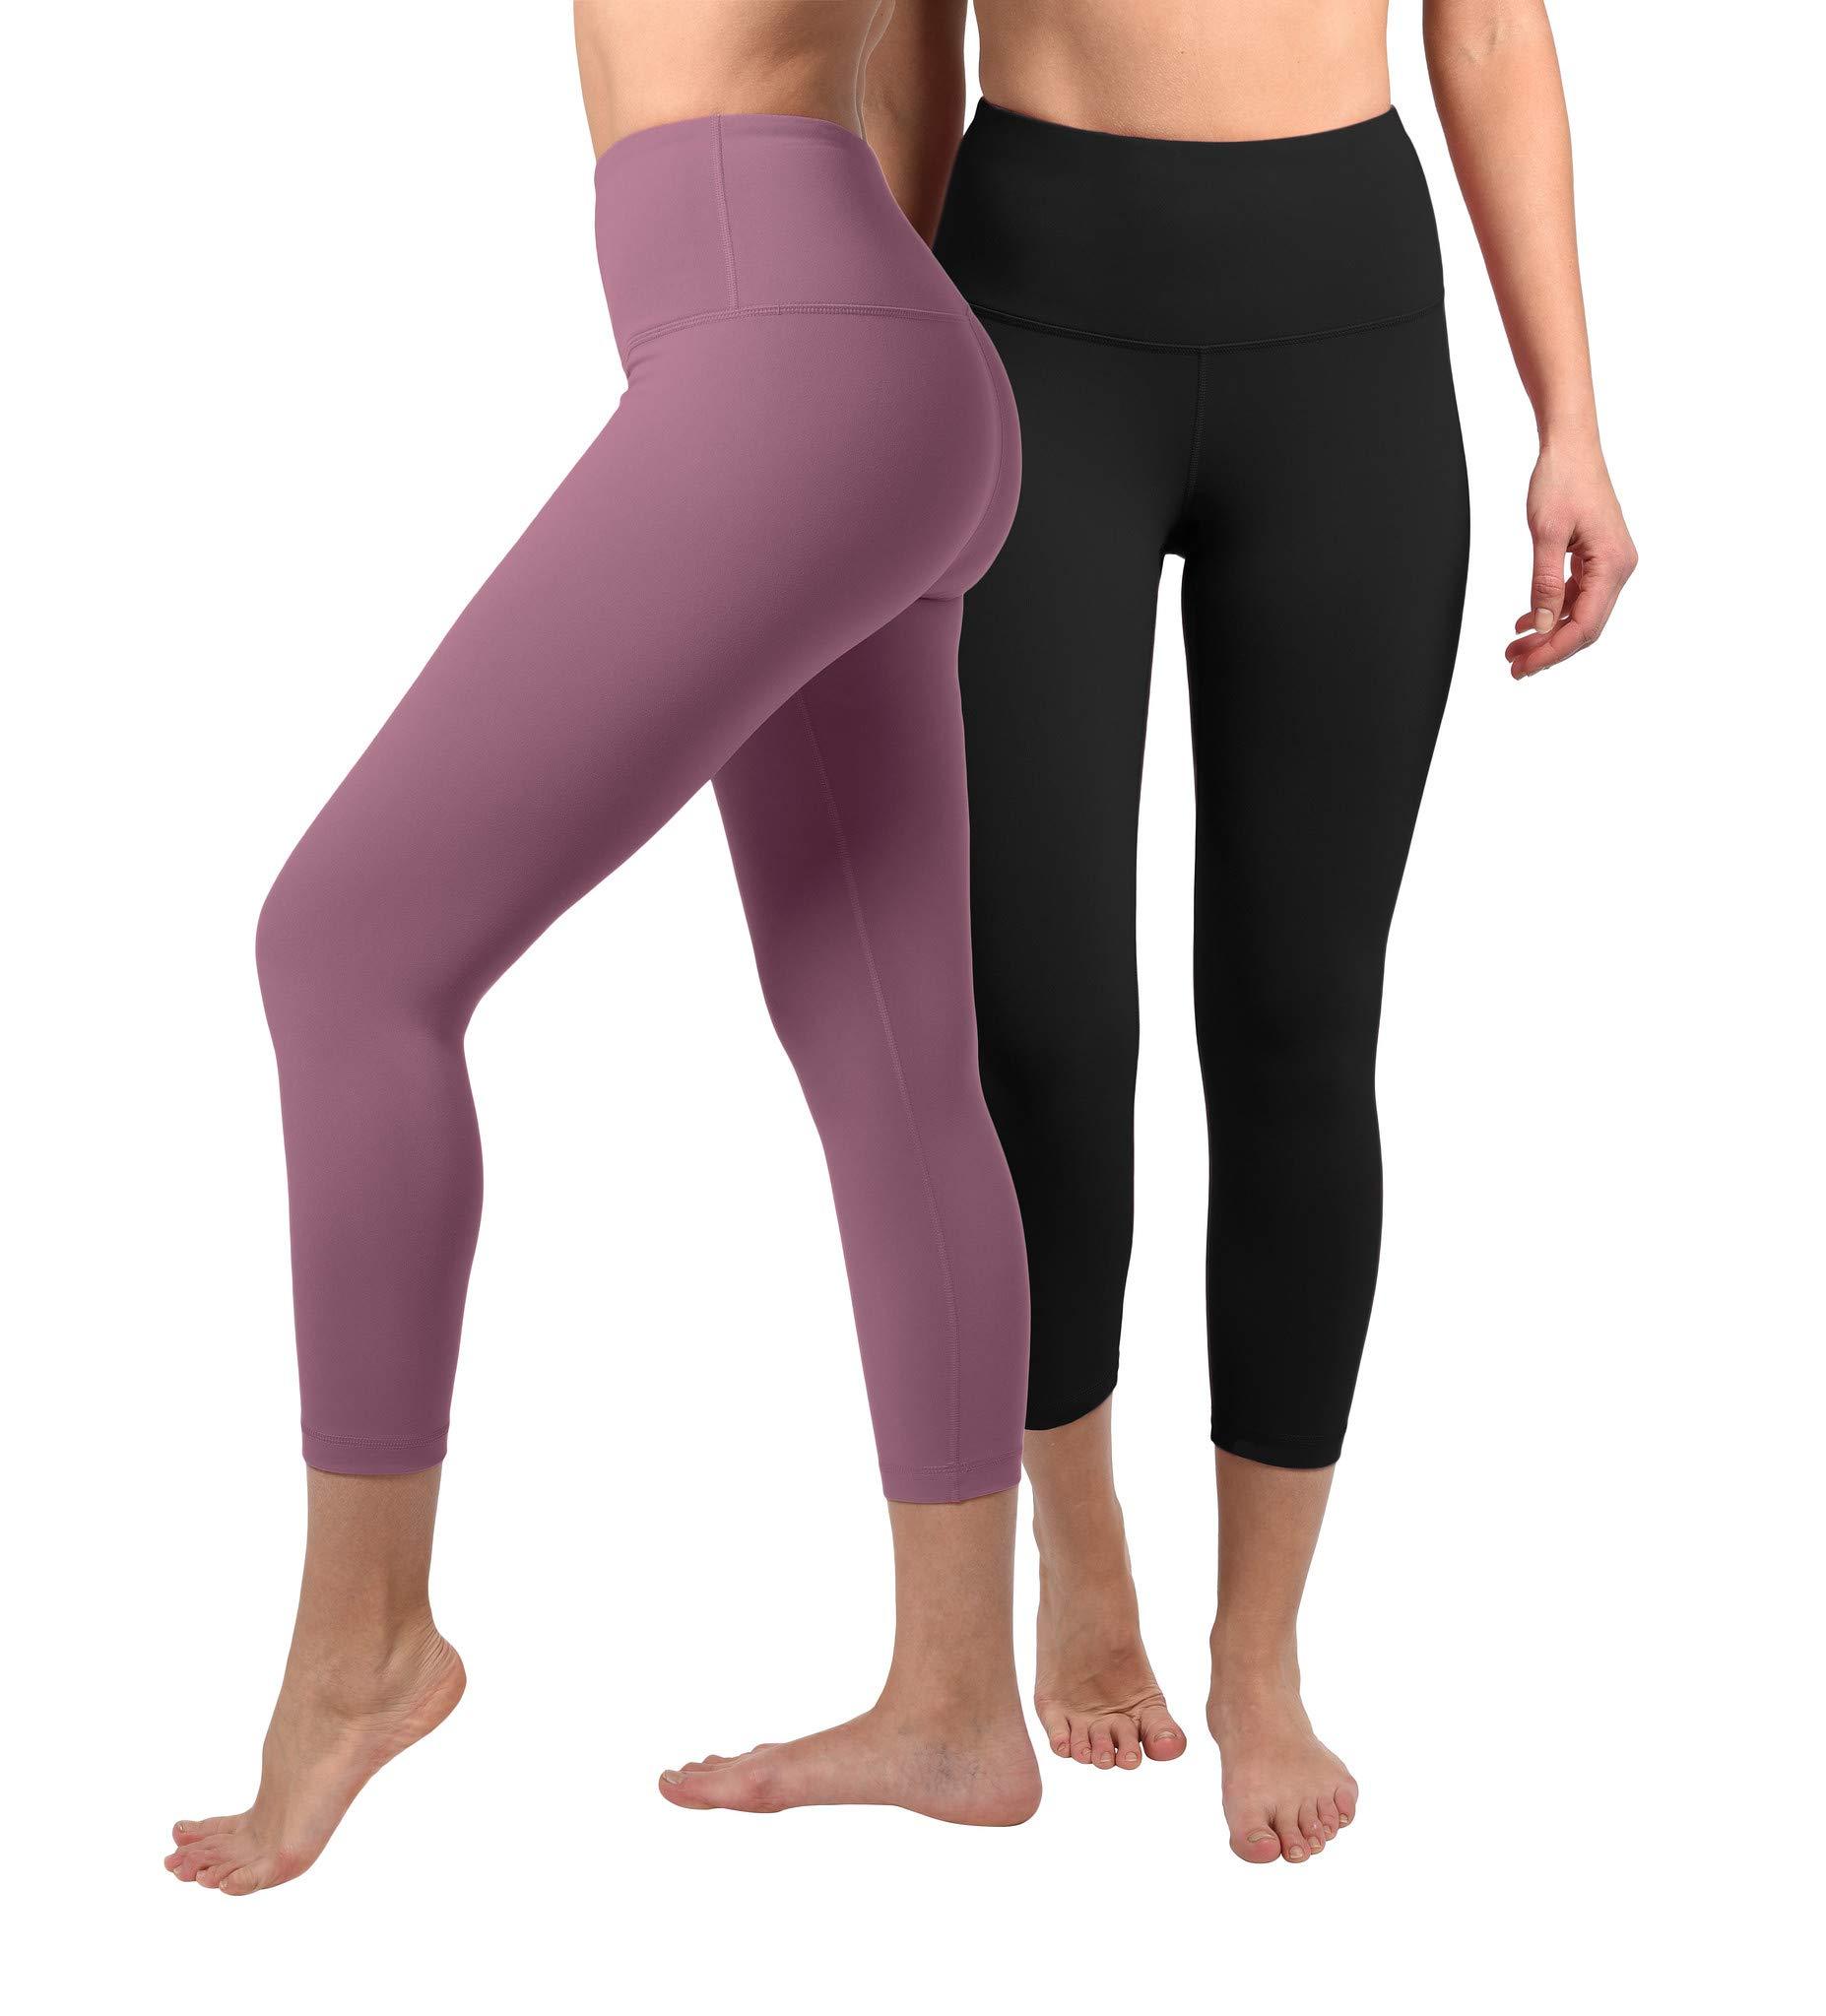 90 Degree By Reflex - High Waist Tummy Control Shapewear - Power Flex Capri - Black and Antique Rose 2 Pack - Medium by 90 Degree By Reflex